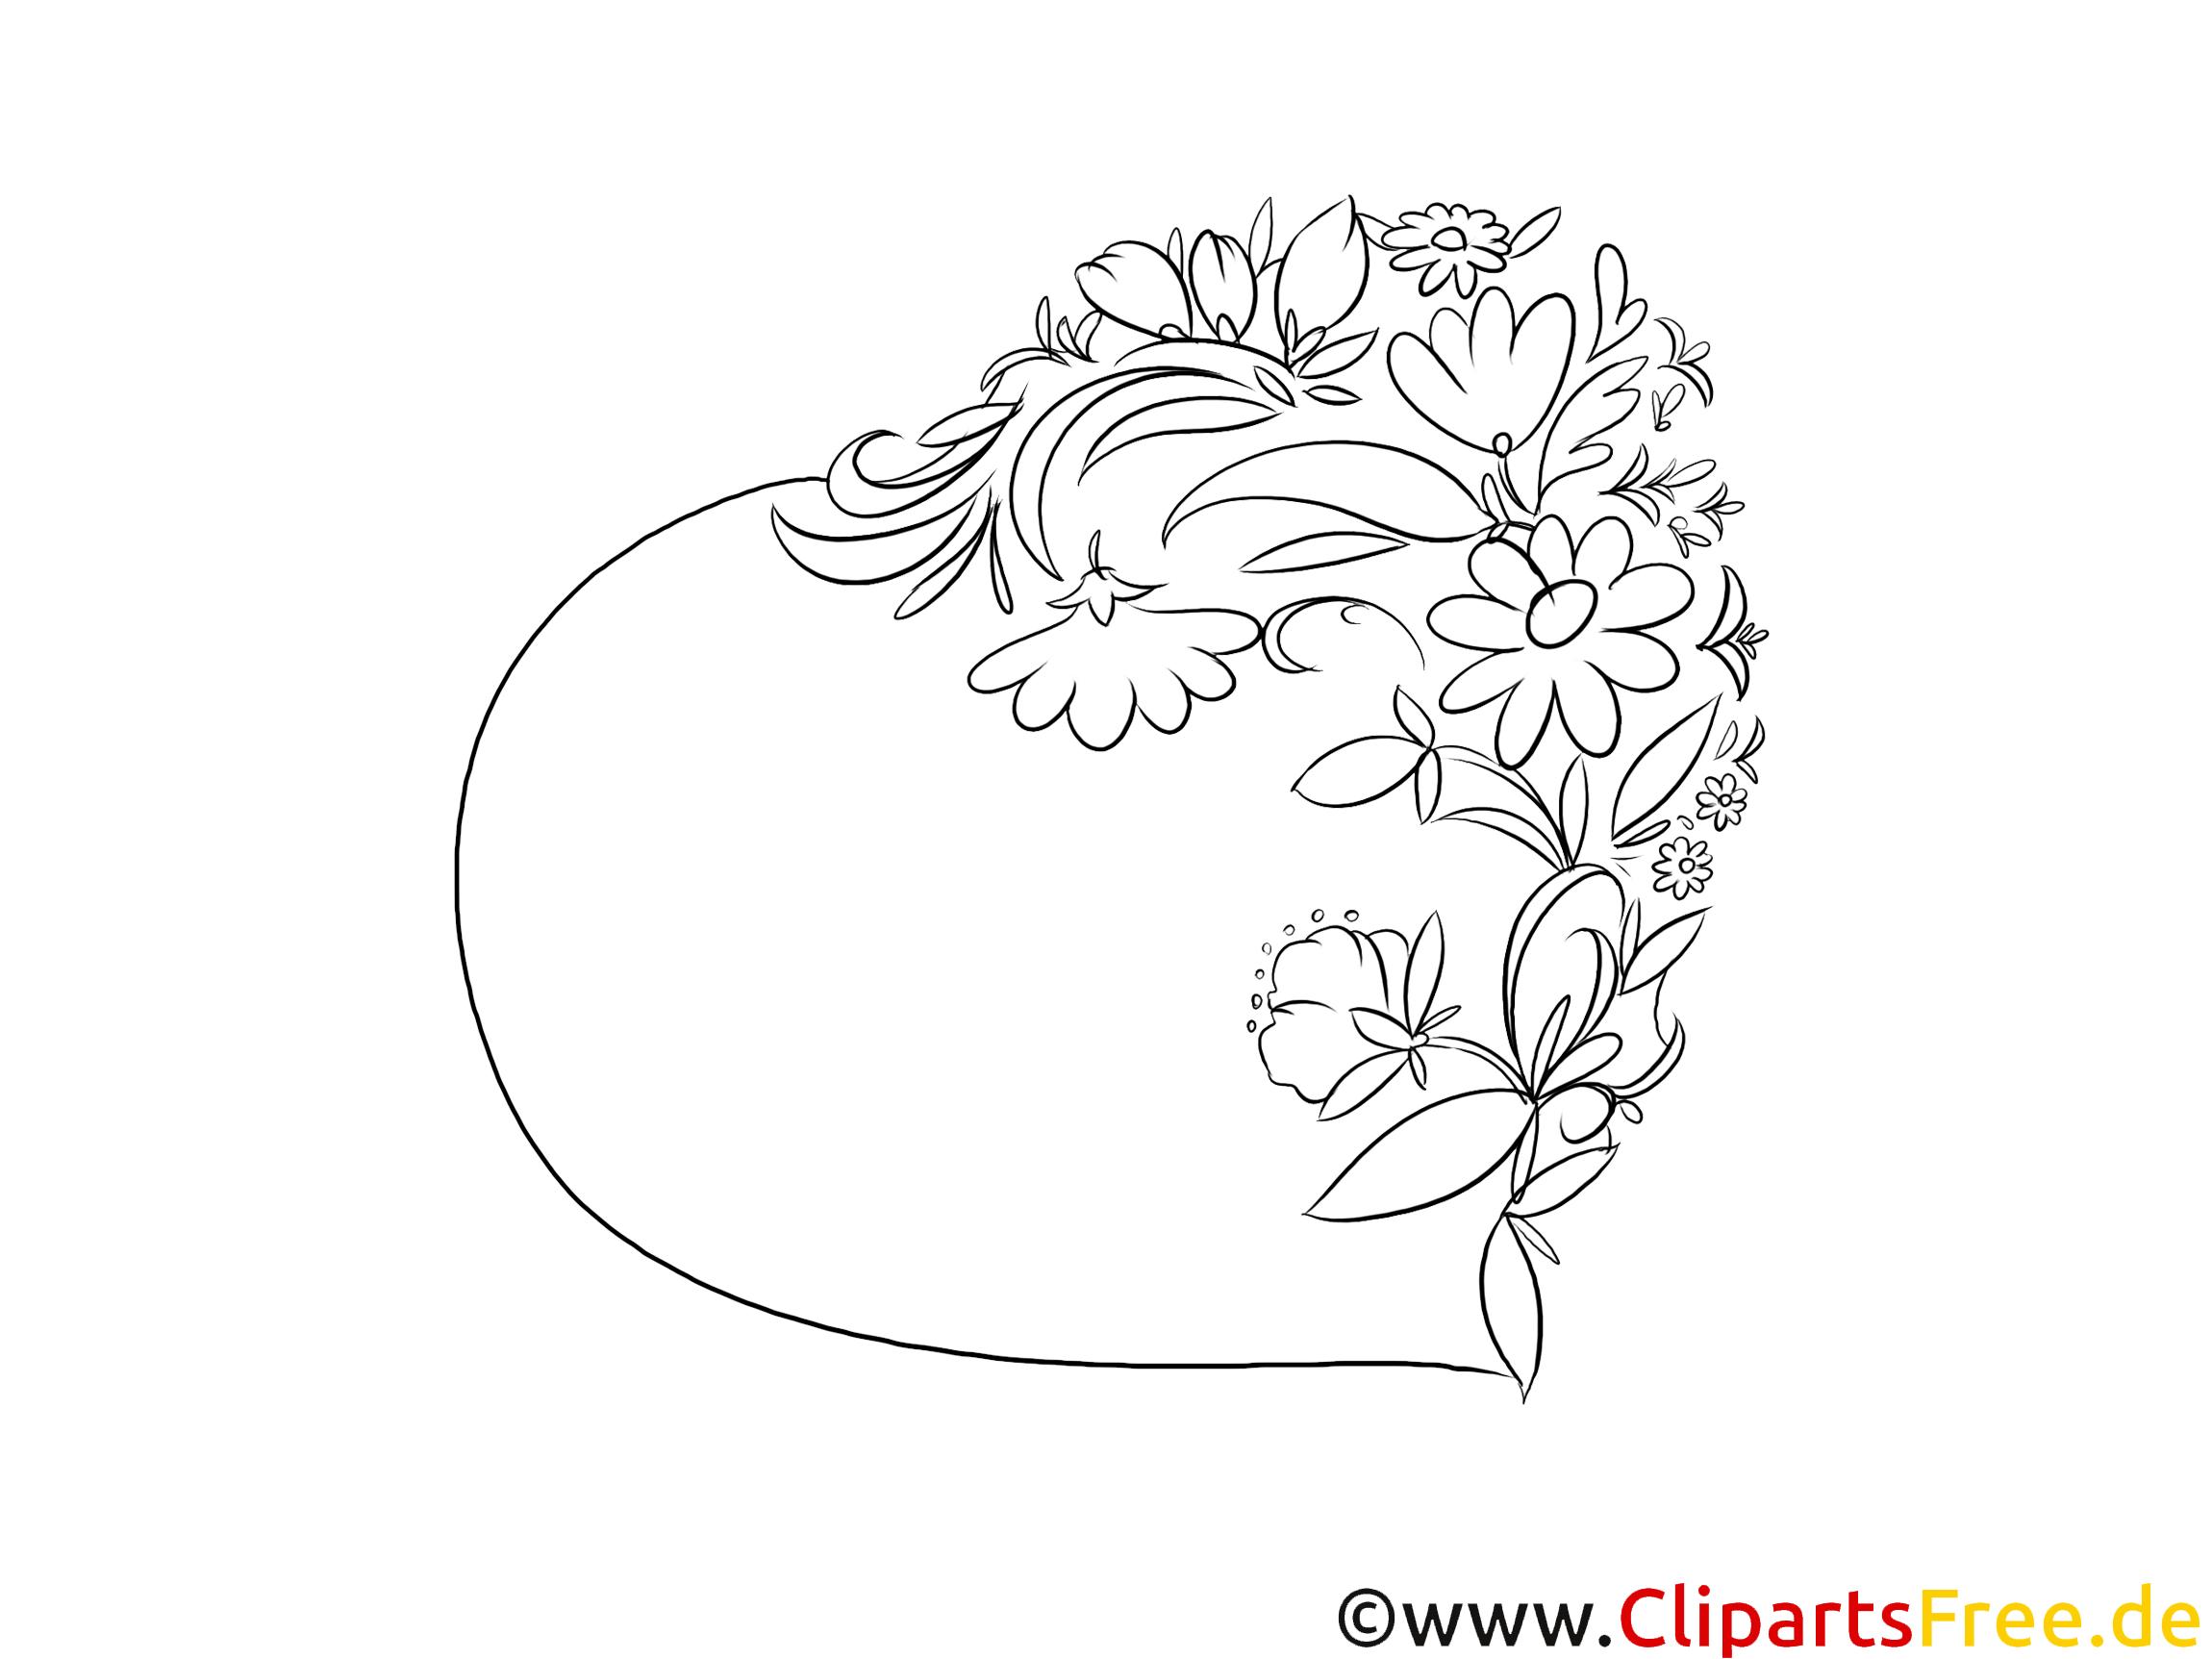 Blumenranken am Herzen Zeichnung, Malbild, Illustration schwarz-weiß